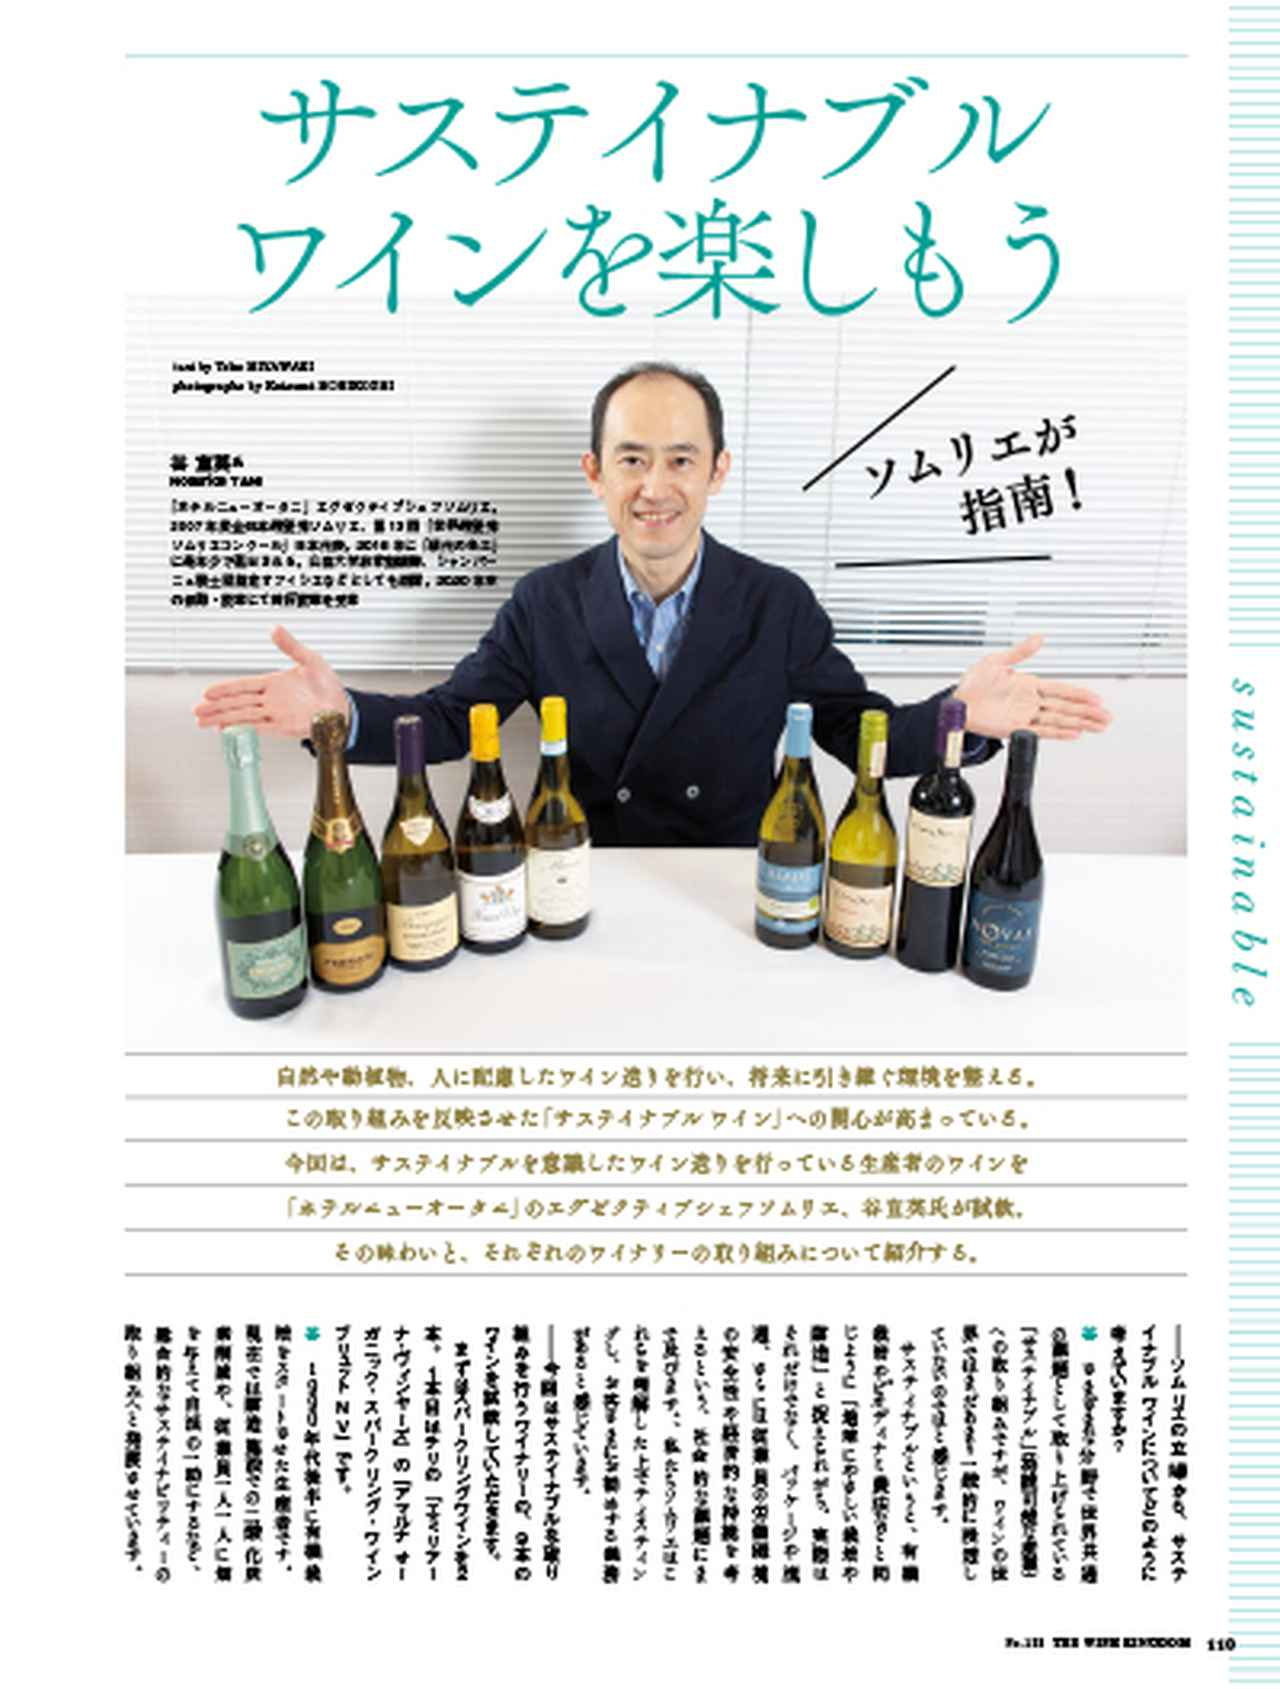 画像5: 6/5発売『ワイン王国 123号』日本ワイン特集!ブラインド・テイスティングで決定 本当に美味しい63本